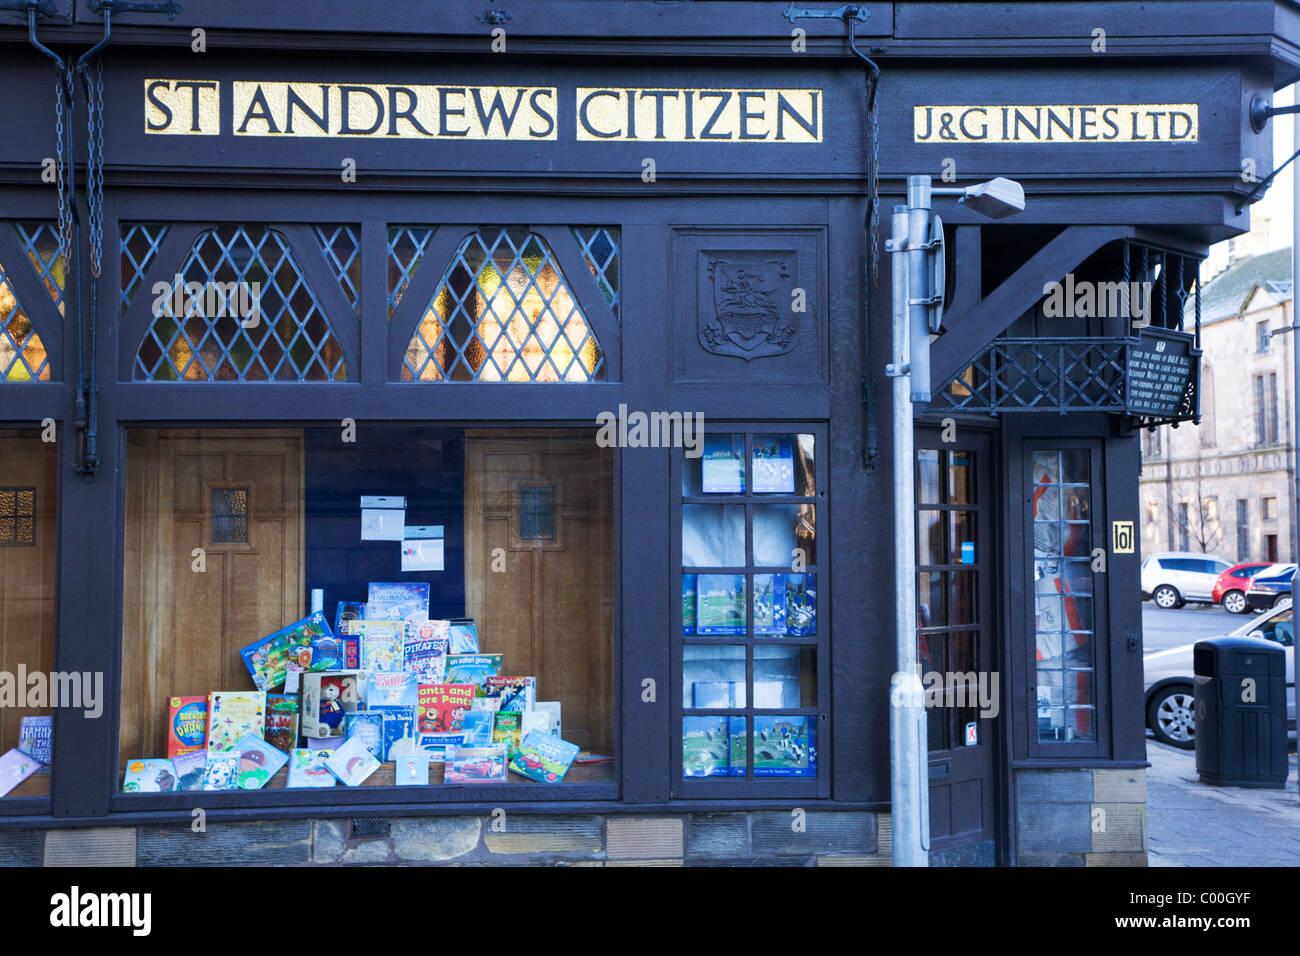 St Andrews Librería ciudadana e impresoras St Andrews Fife Escocia Foto de stock